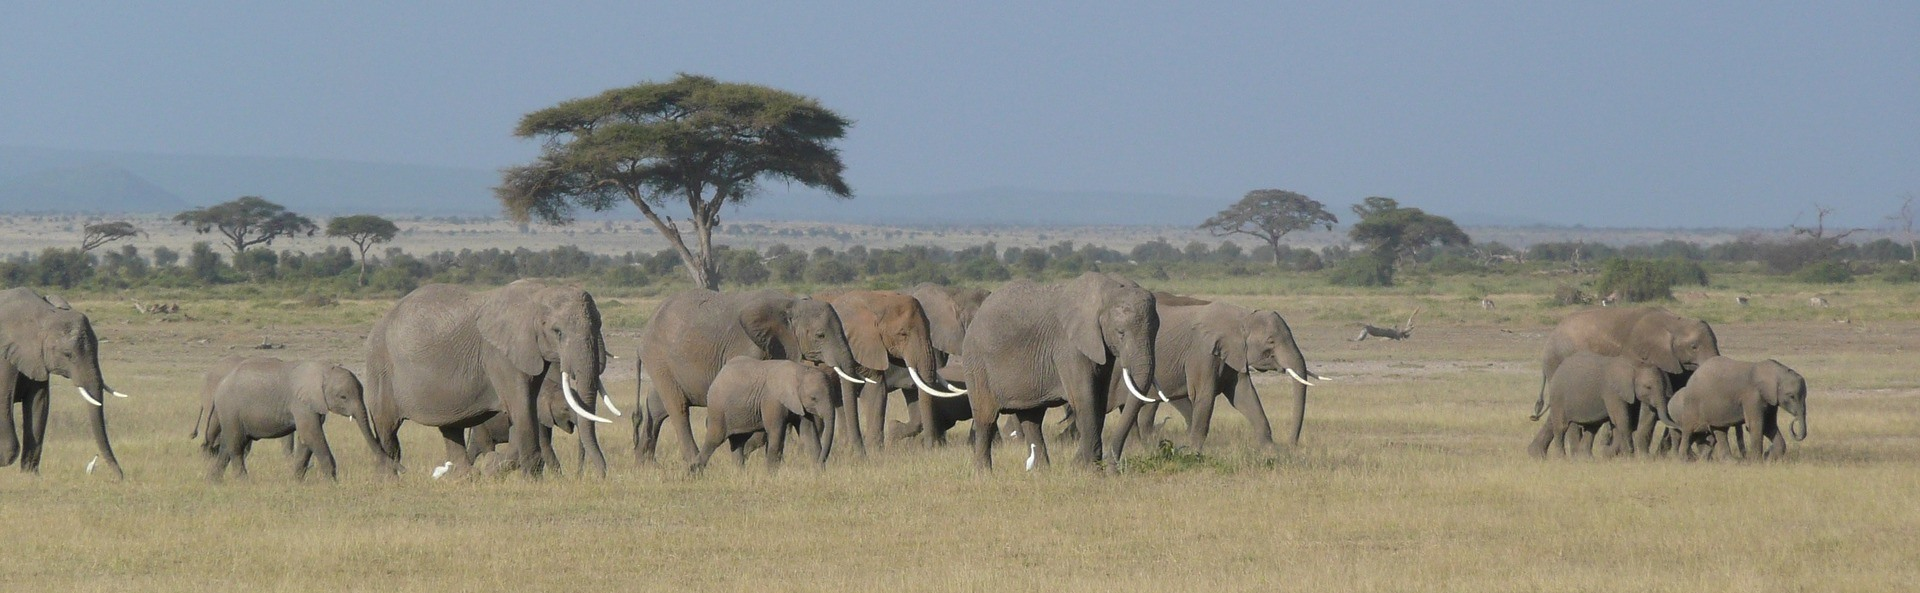 Elefantenherde in Kenia